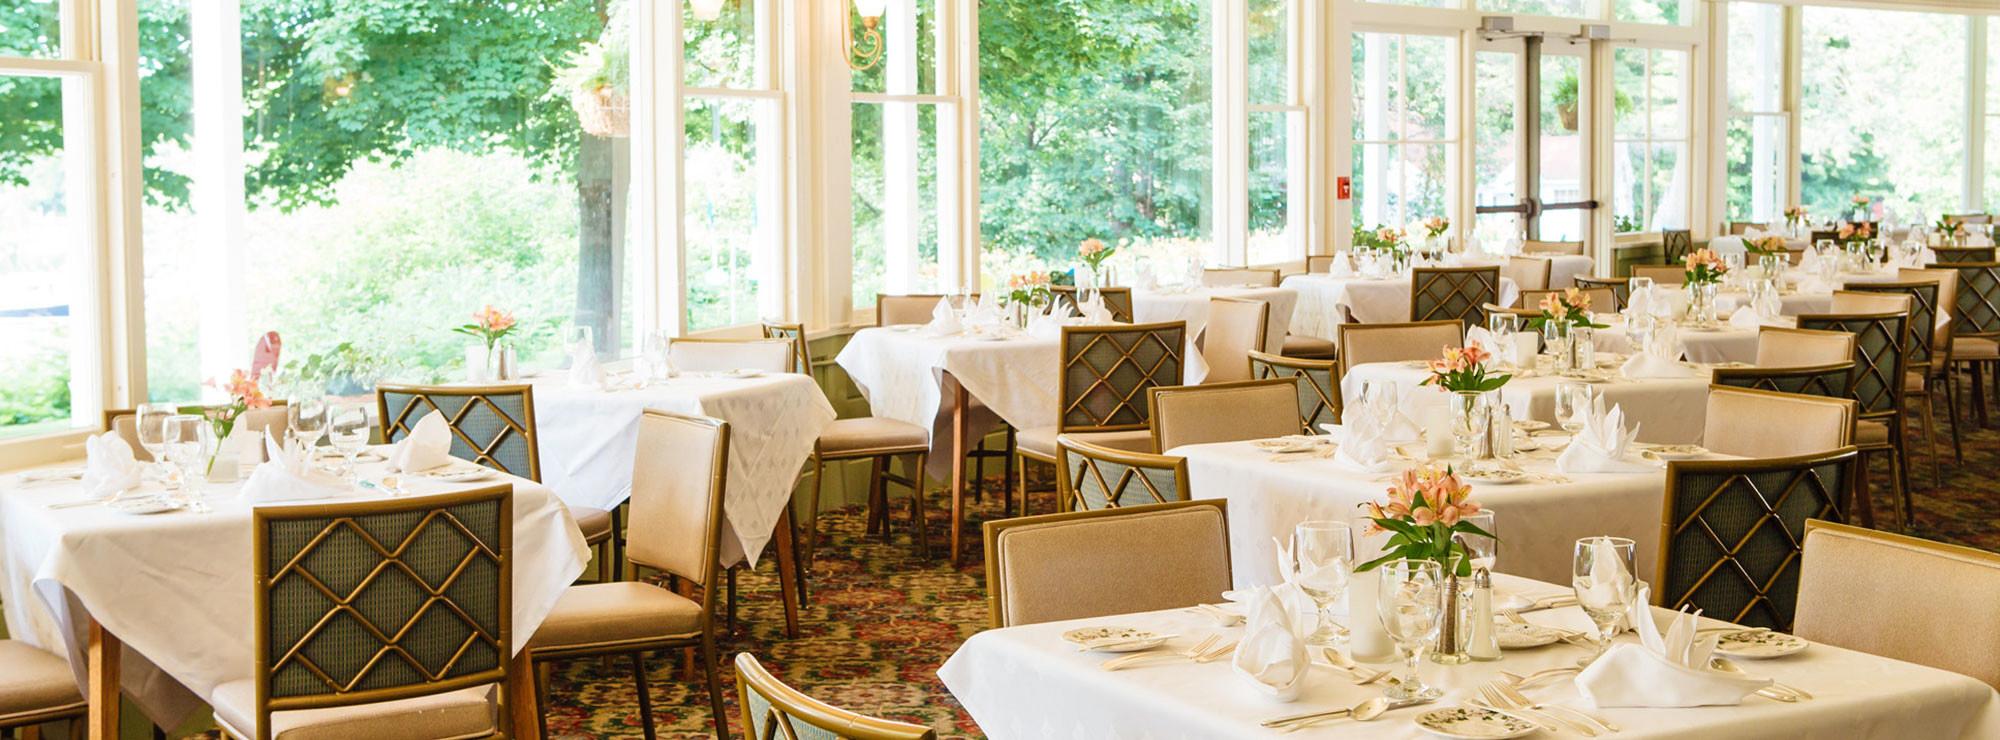 interior-slider-dining-maindiningroom-2000x740-2.jpg